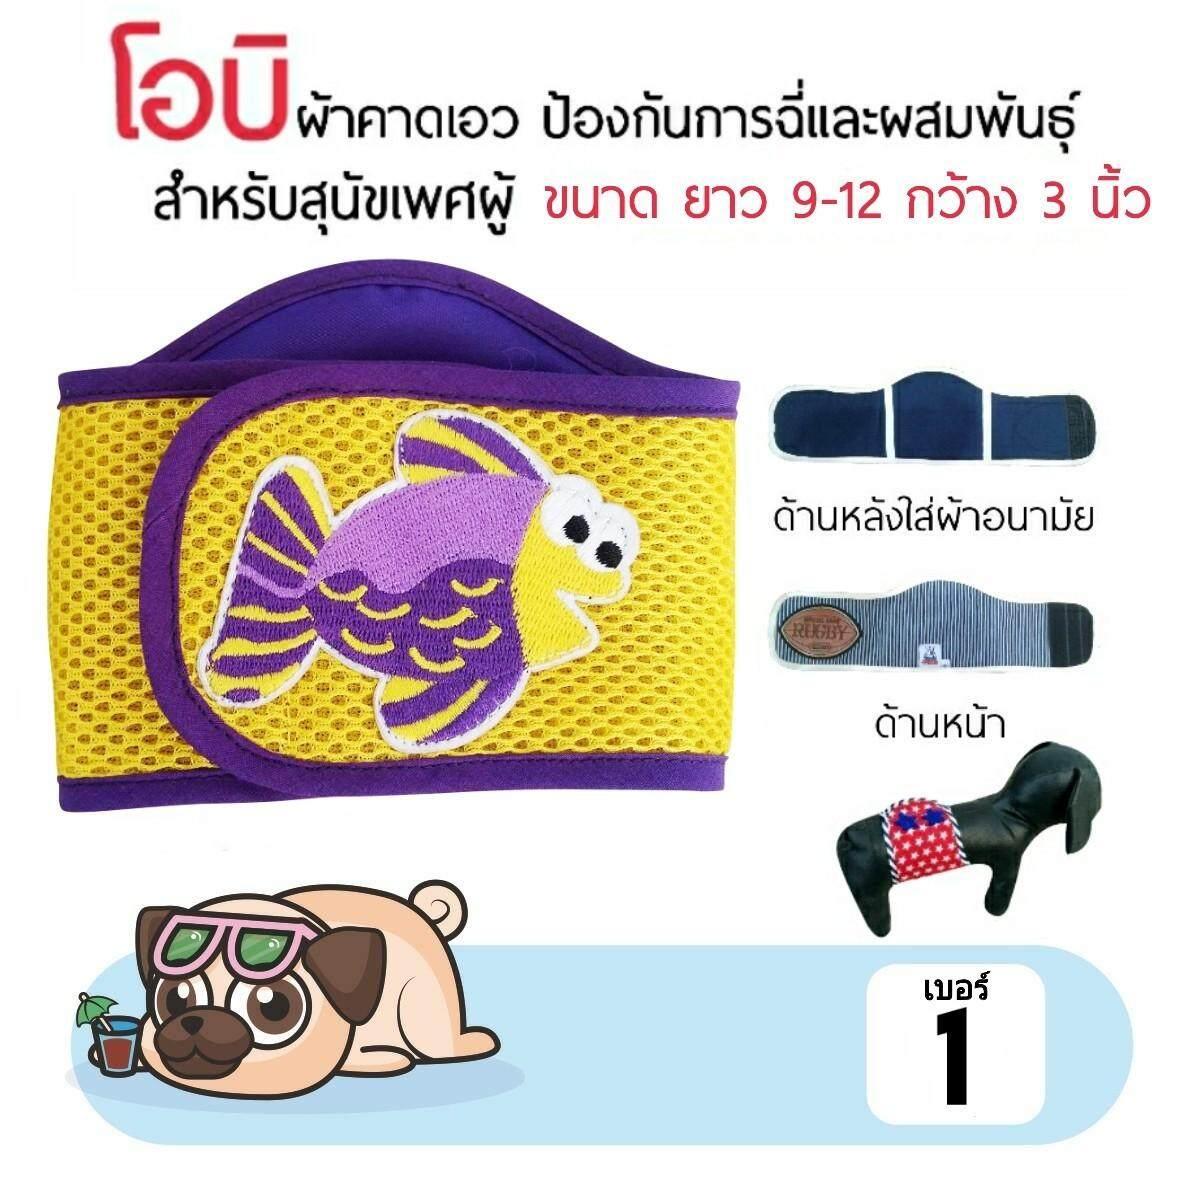 ผ้าคาดเอว Doggy Style โอบิ รูปปลาสีเหลืองขอบม่วง สำหรับสุนัขตัวผู้ ป้องกันฉี่และผสมพันธุ์ เบอร์ 1 โดย Yes Pet Shop.